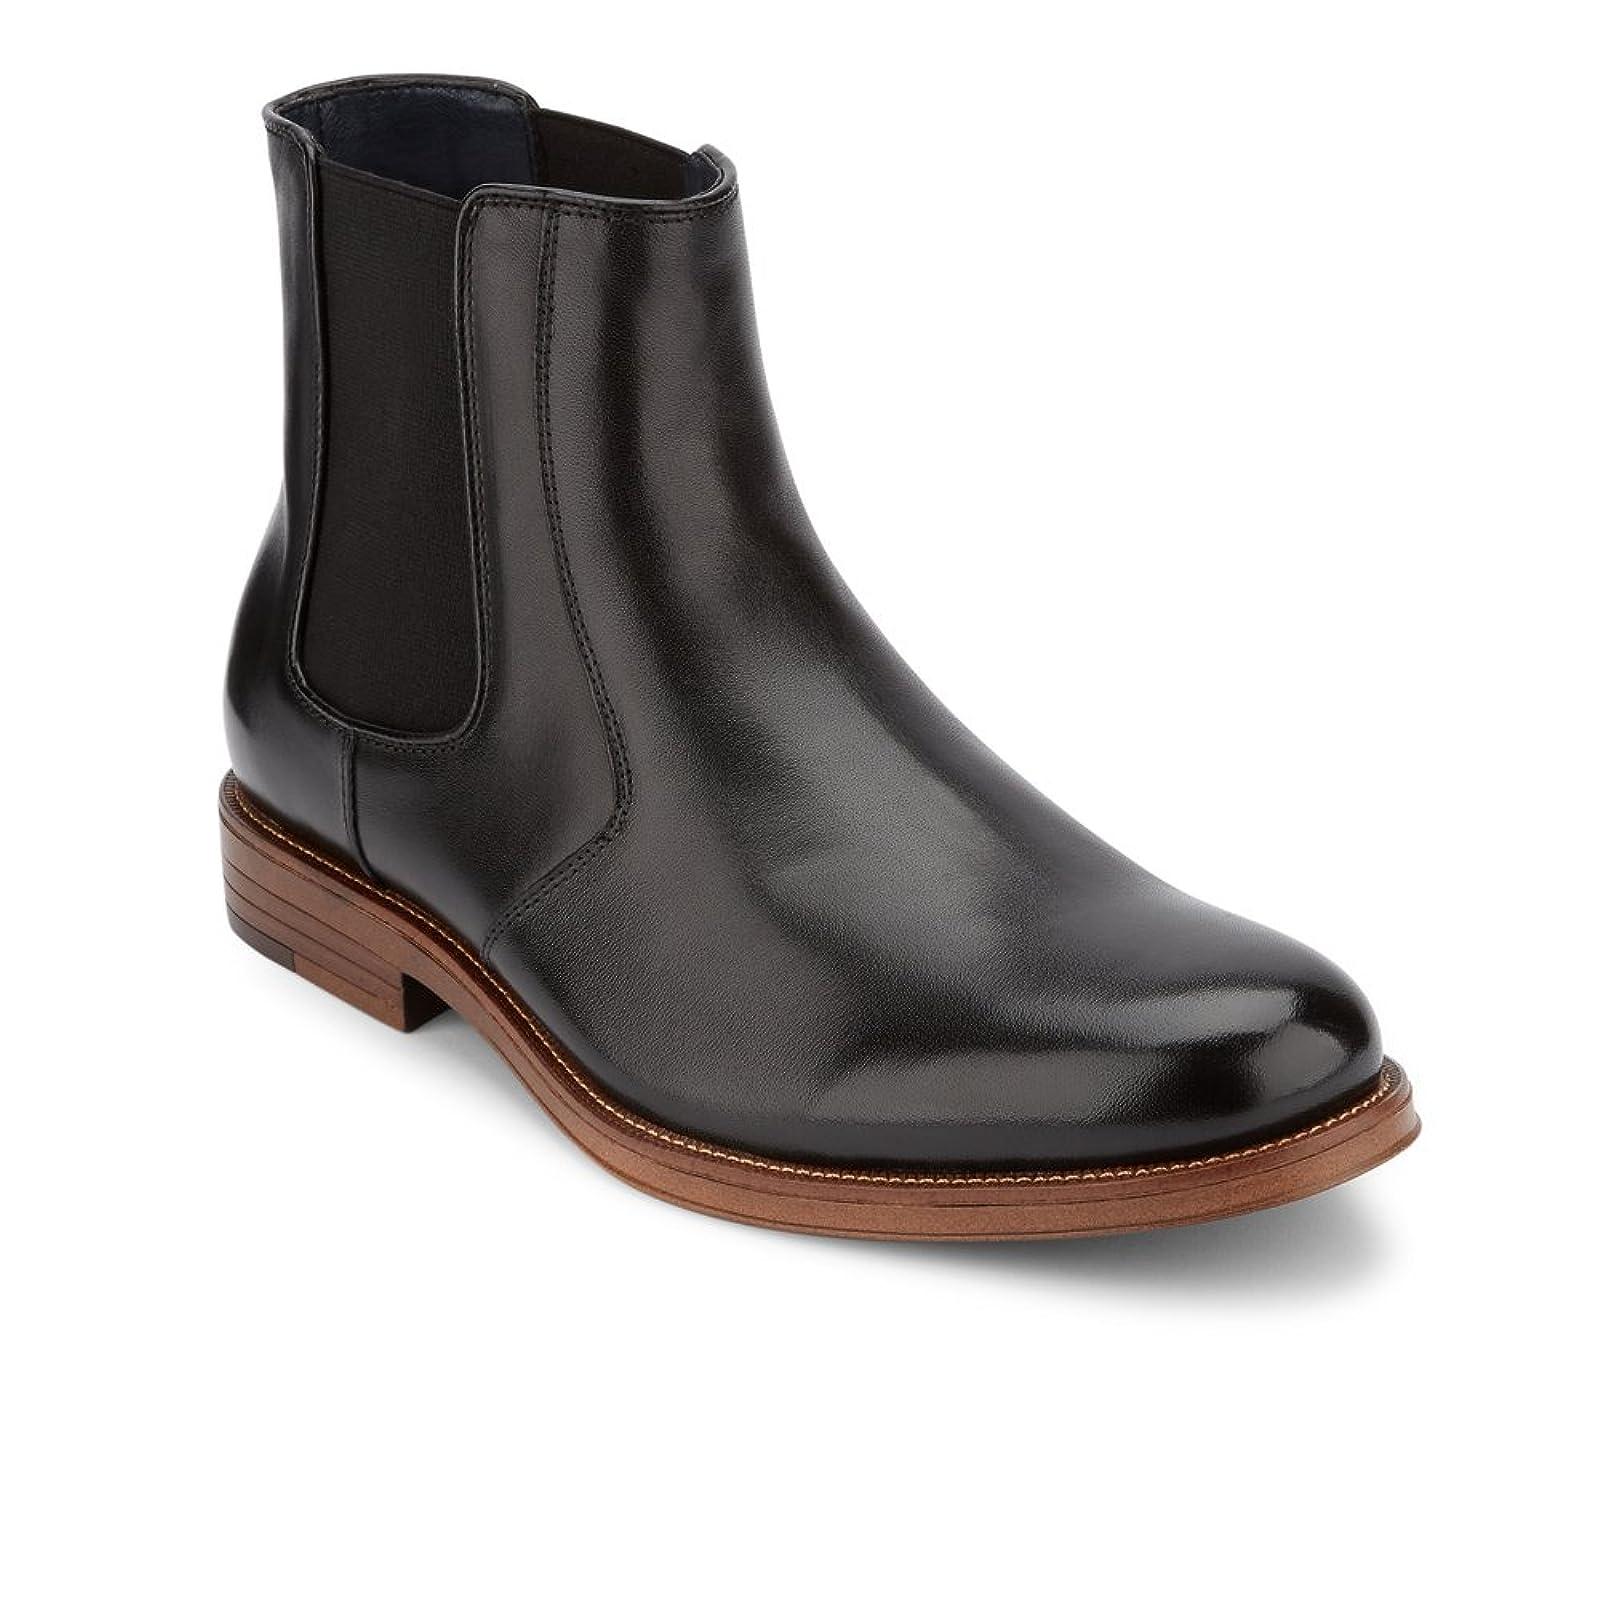 Dockers Men's Ashford Chelsea Boot Black - 7